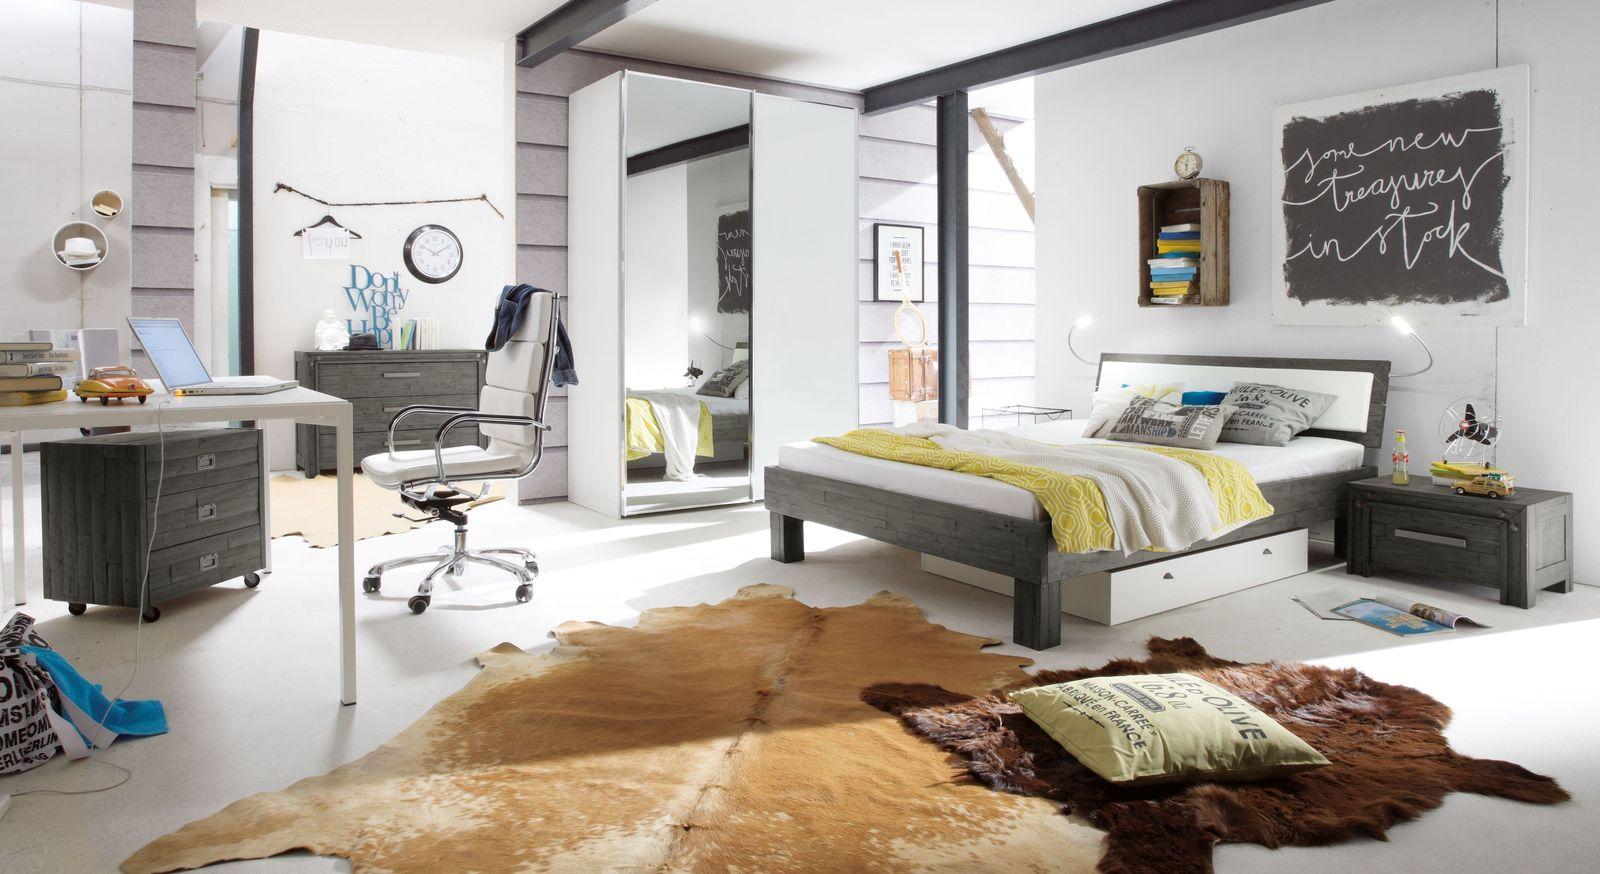 Trendiges Komplett-Schlafzimmer Caldera im Factory-Look